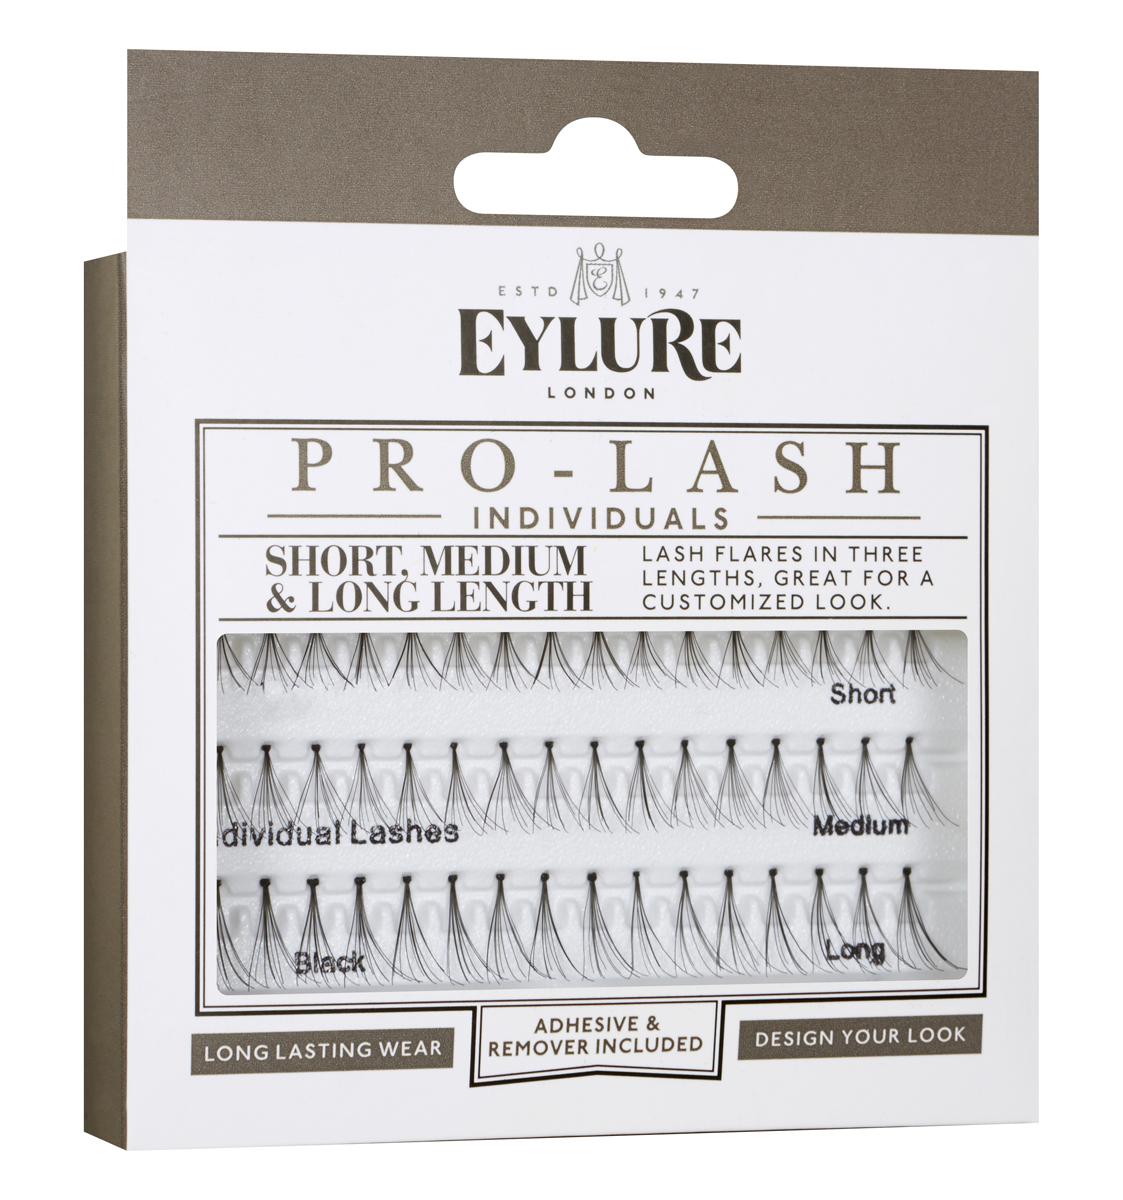 Eylure Индивидуальные пучки для наращивания Individual Lashes -Individuals PRO-LASH Combo eylure complete starter kit volume 101 стартовый набор накладных ресниц объемные 101 eylure